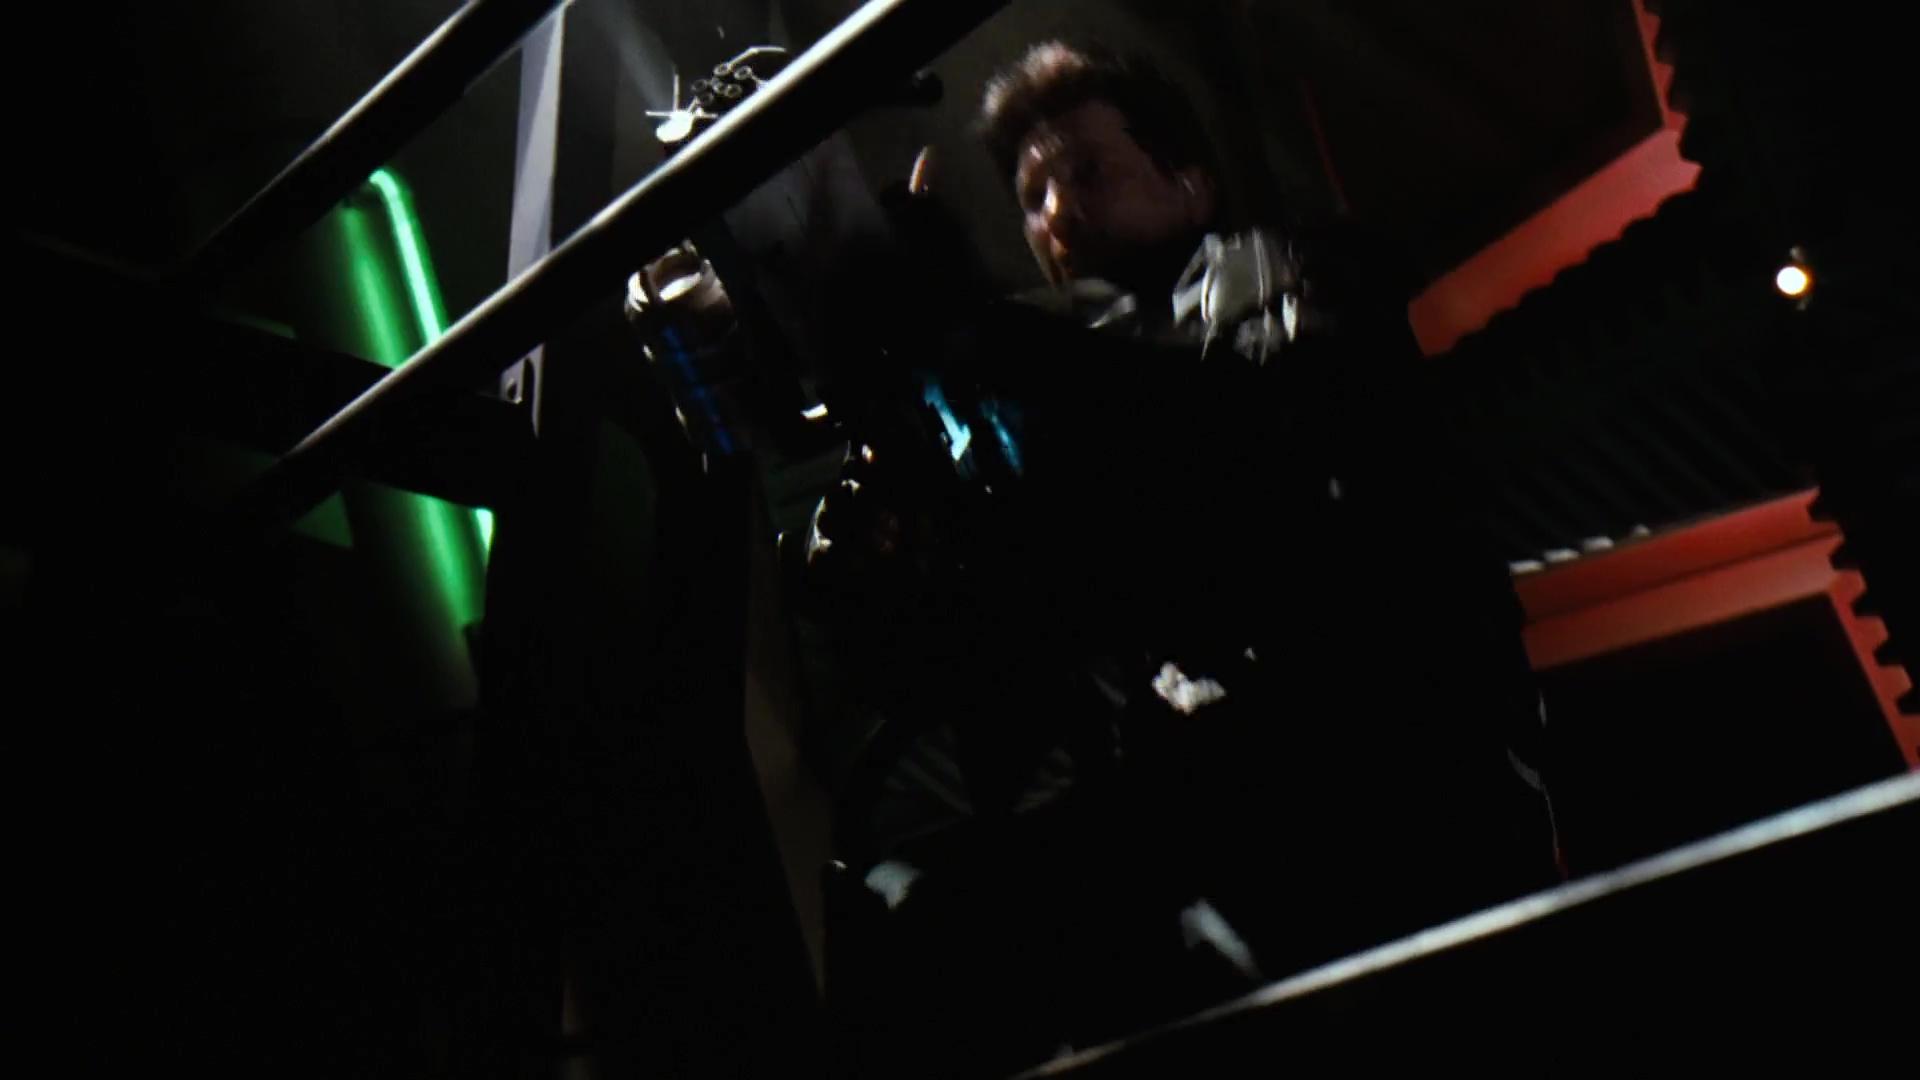 Viernes 13 Parte 10 Jason X 1080p Lat-Cast-Ing 5.1 (2001)